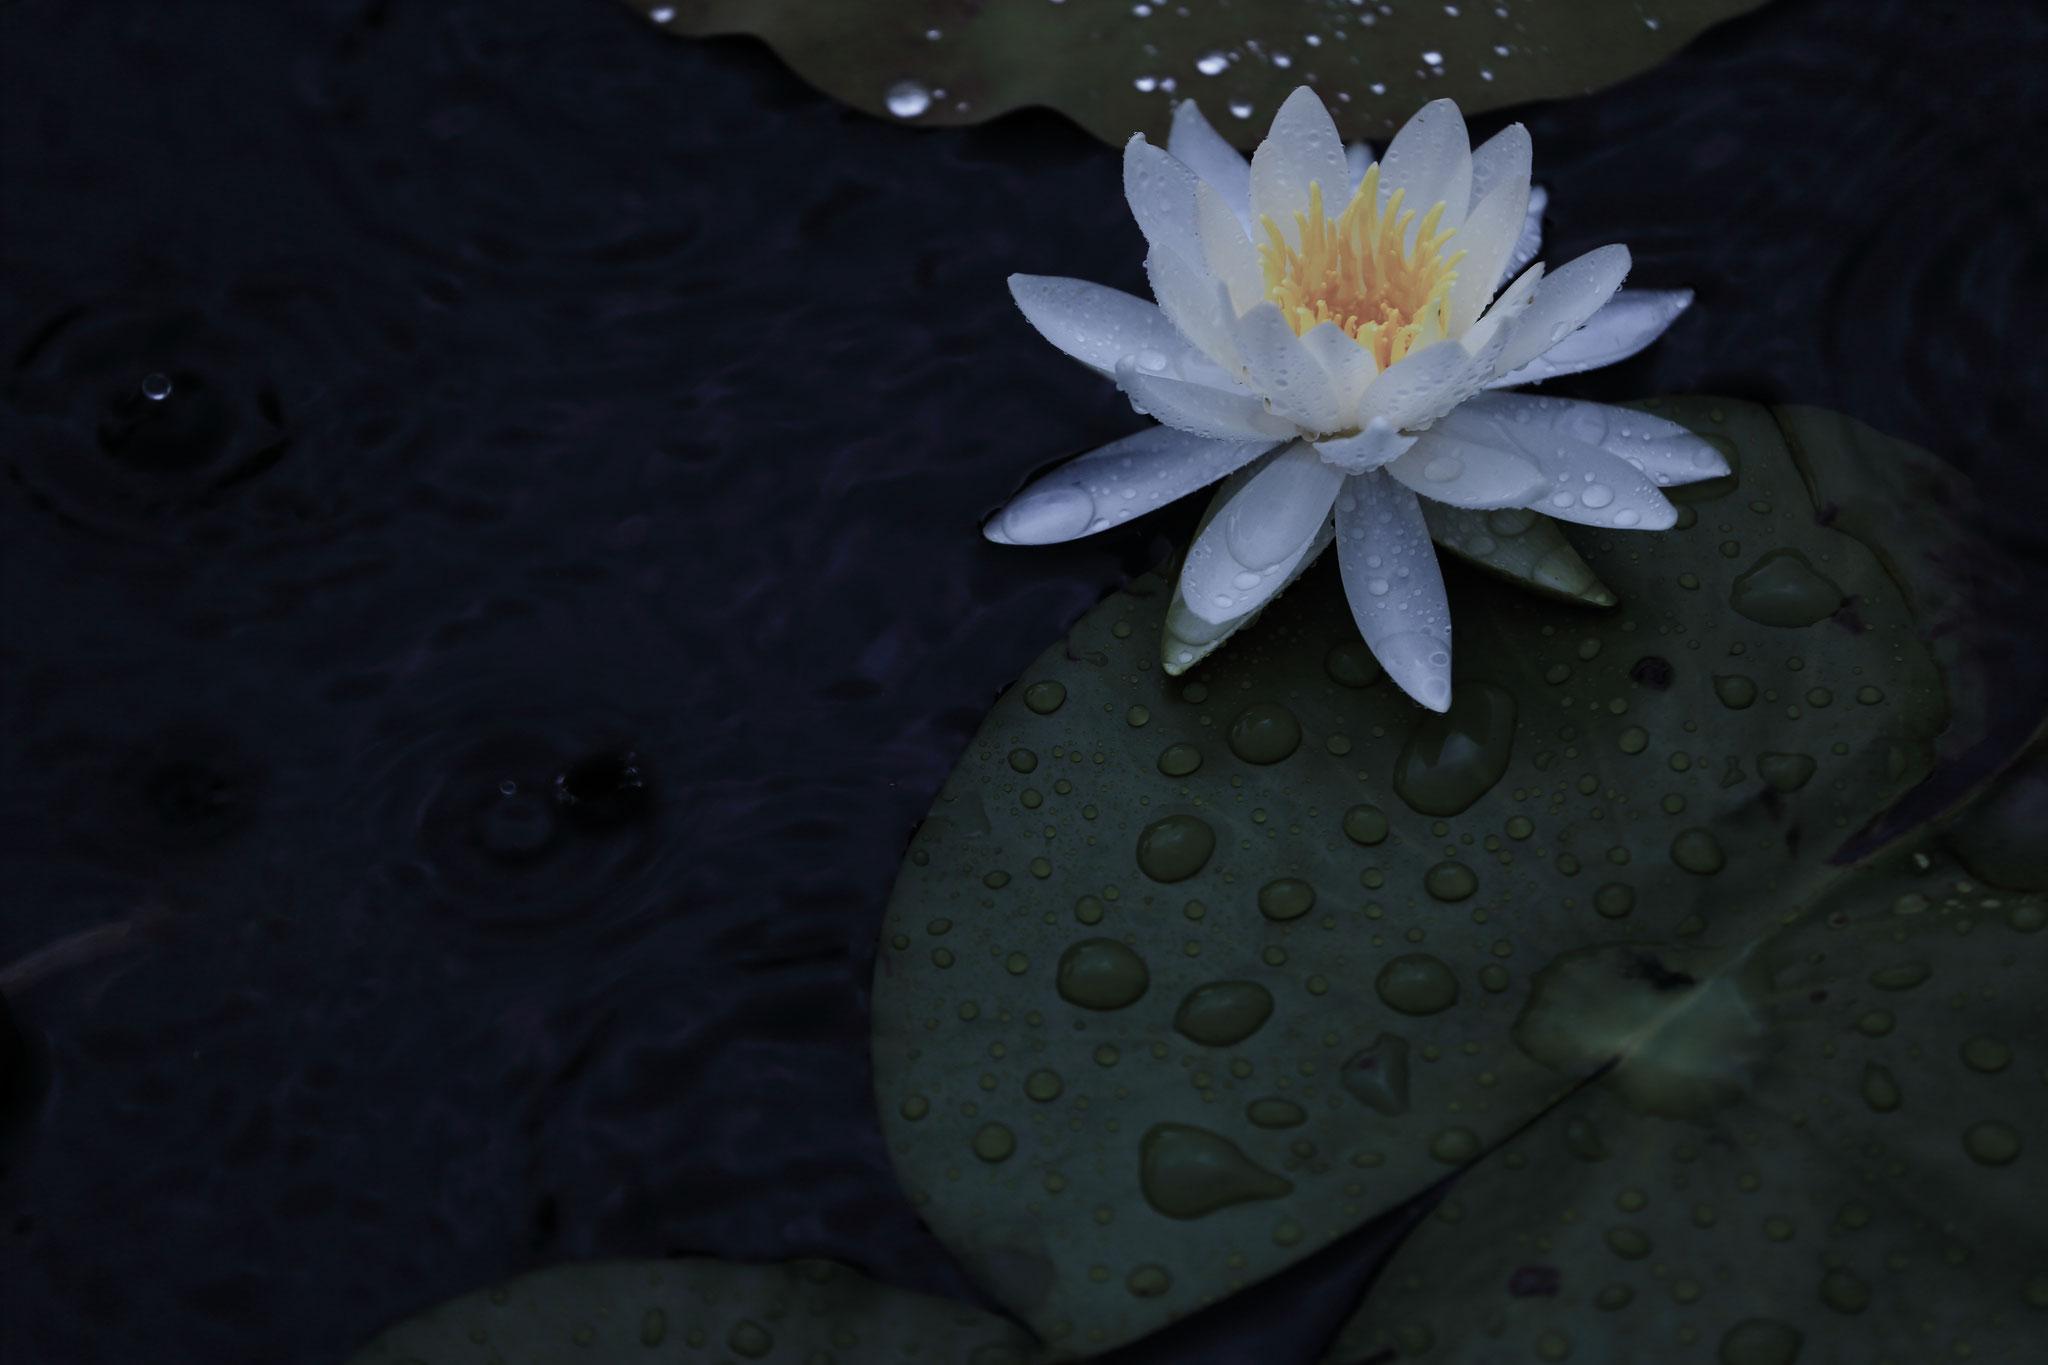 雨が似合う睡蓮(6/27 志布志市)